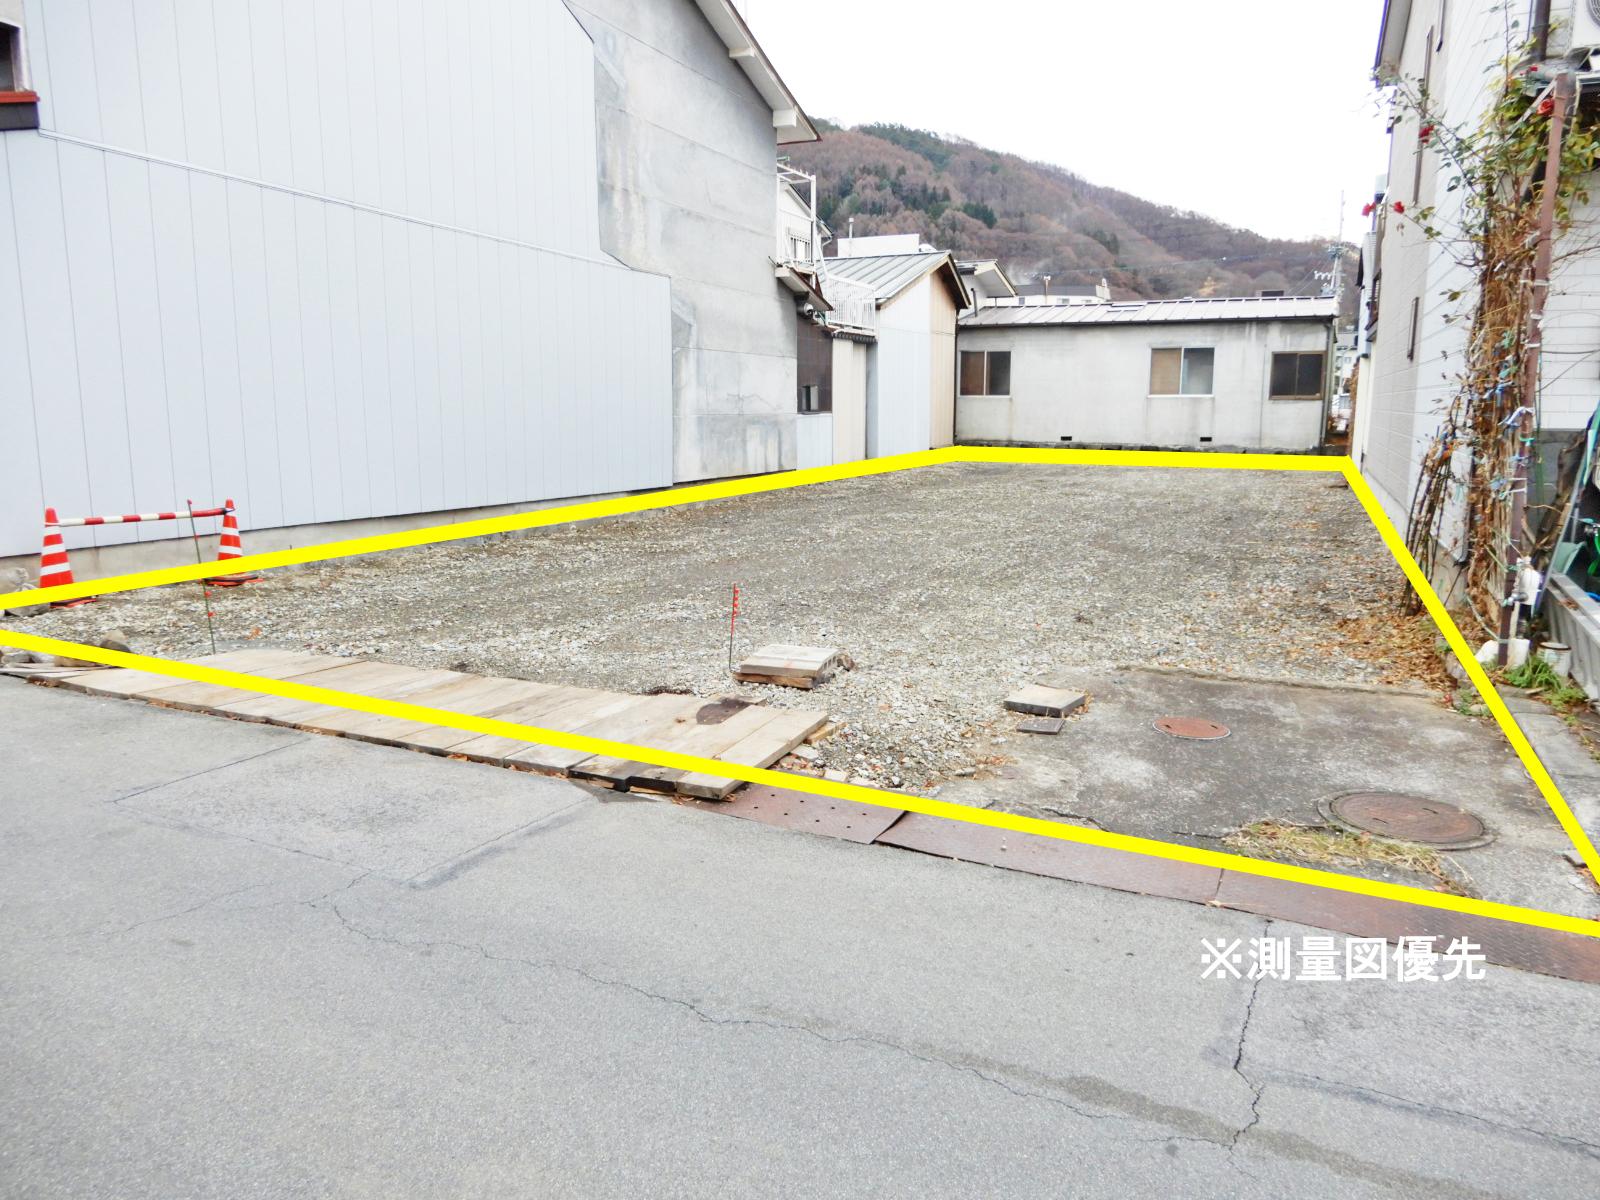 諏訪市小和田新小路のアイキャッチ画像